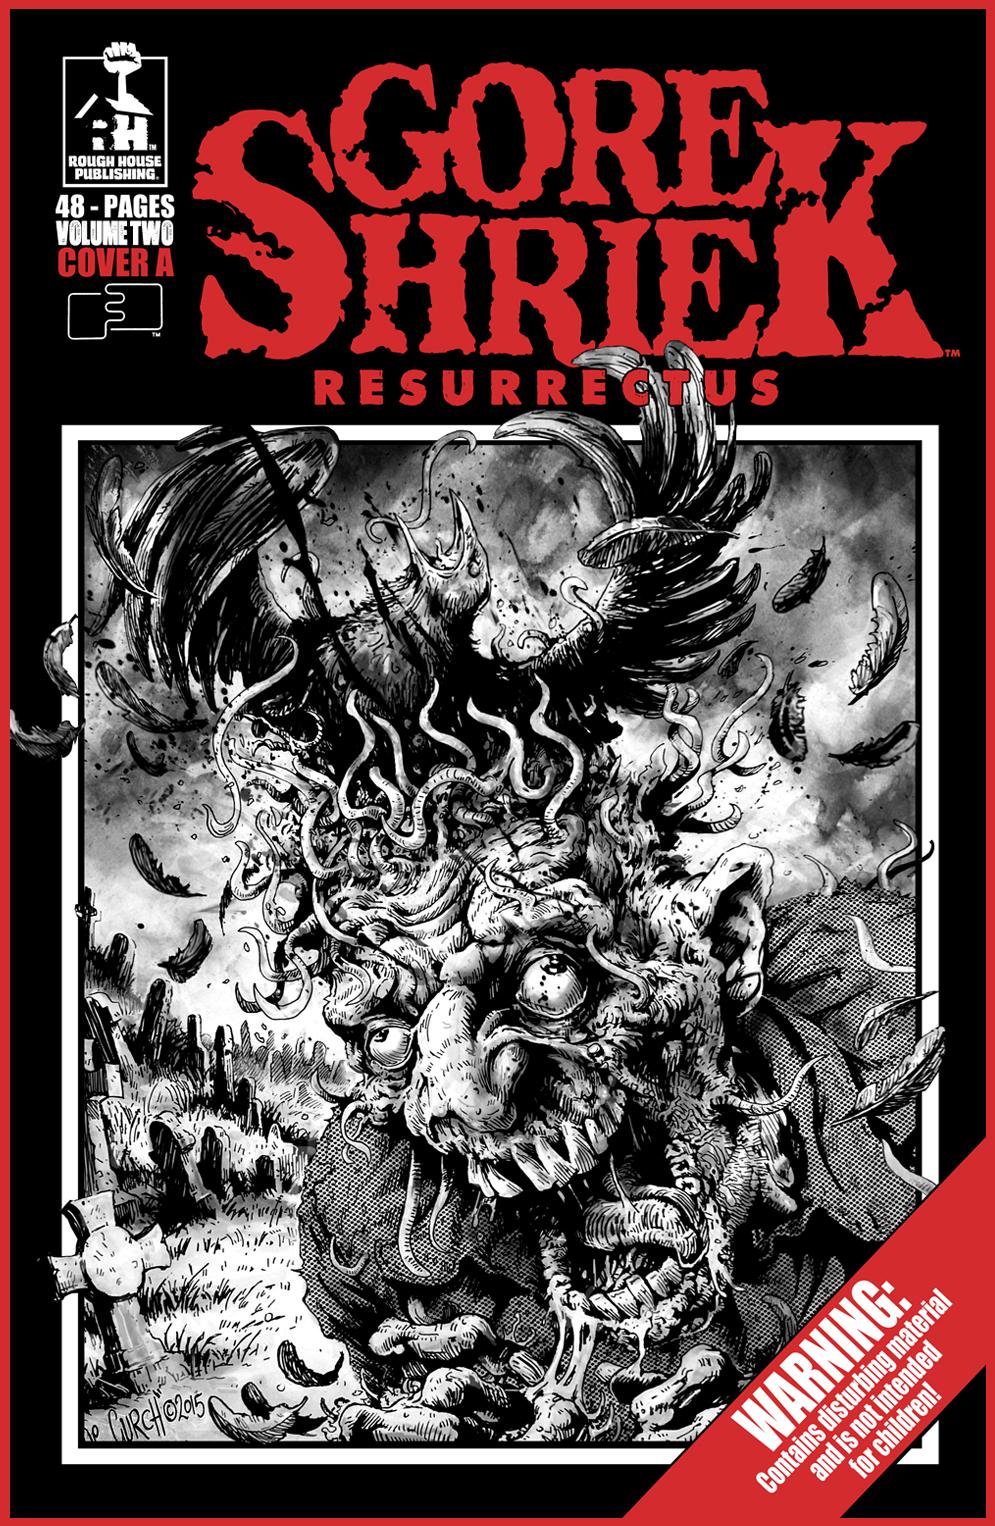 GORE SHRIEK COVER V2.jpg